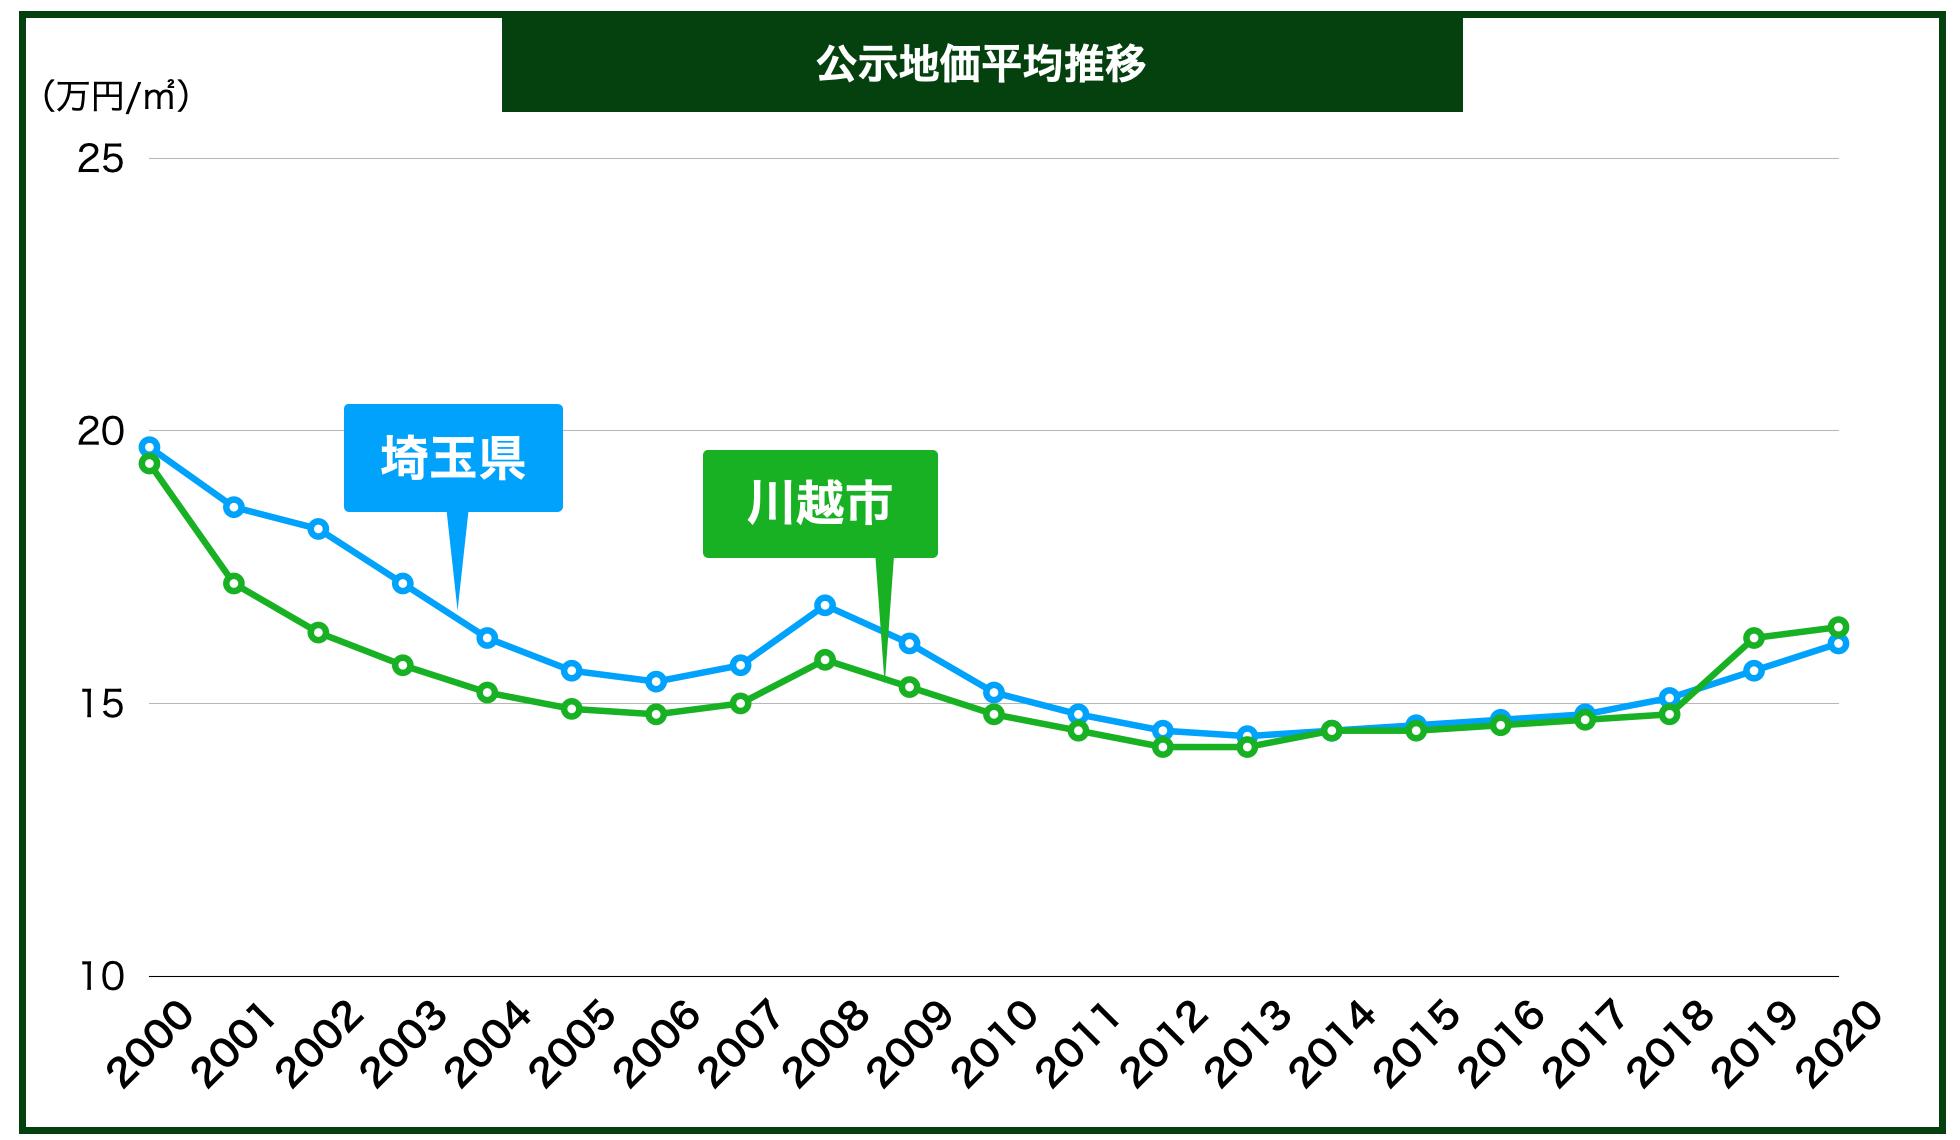 川越市の公示地価の推移